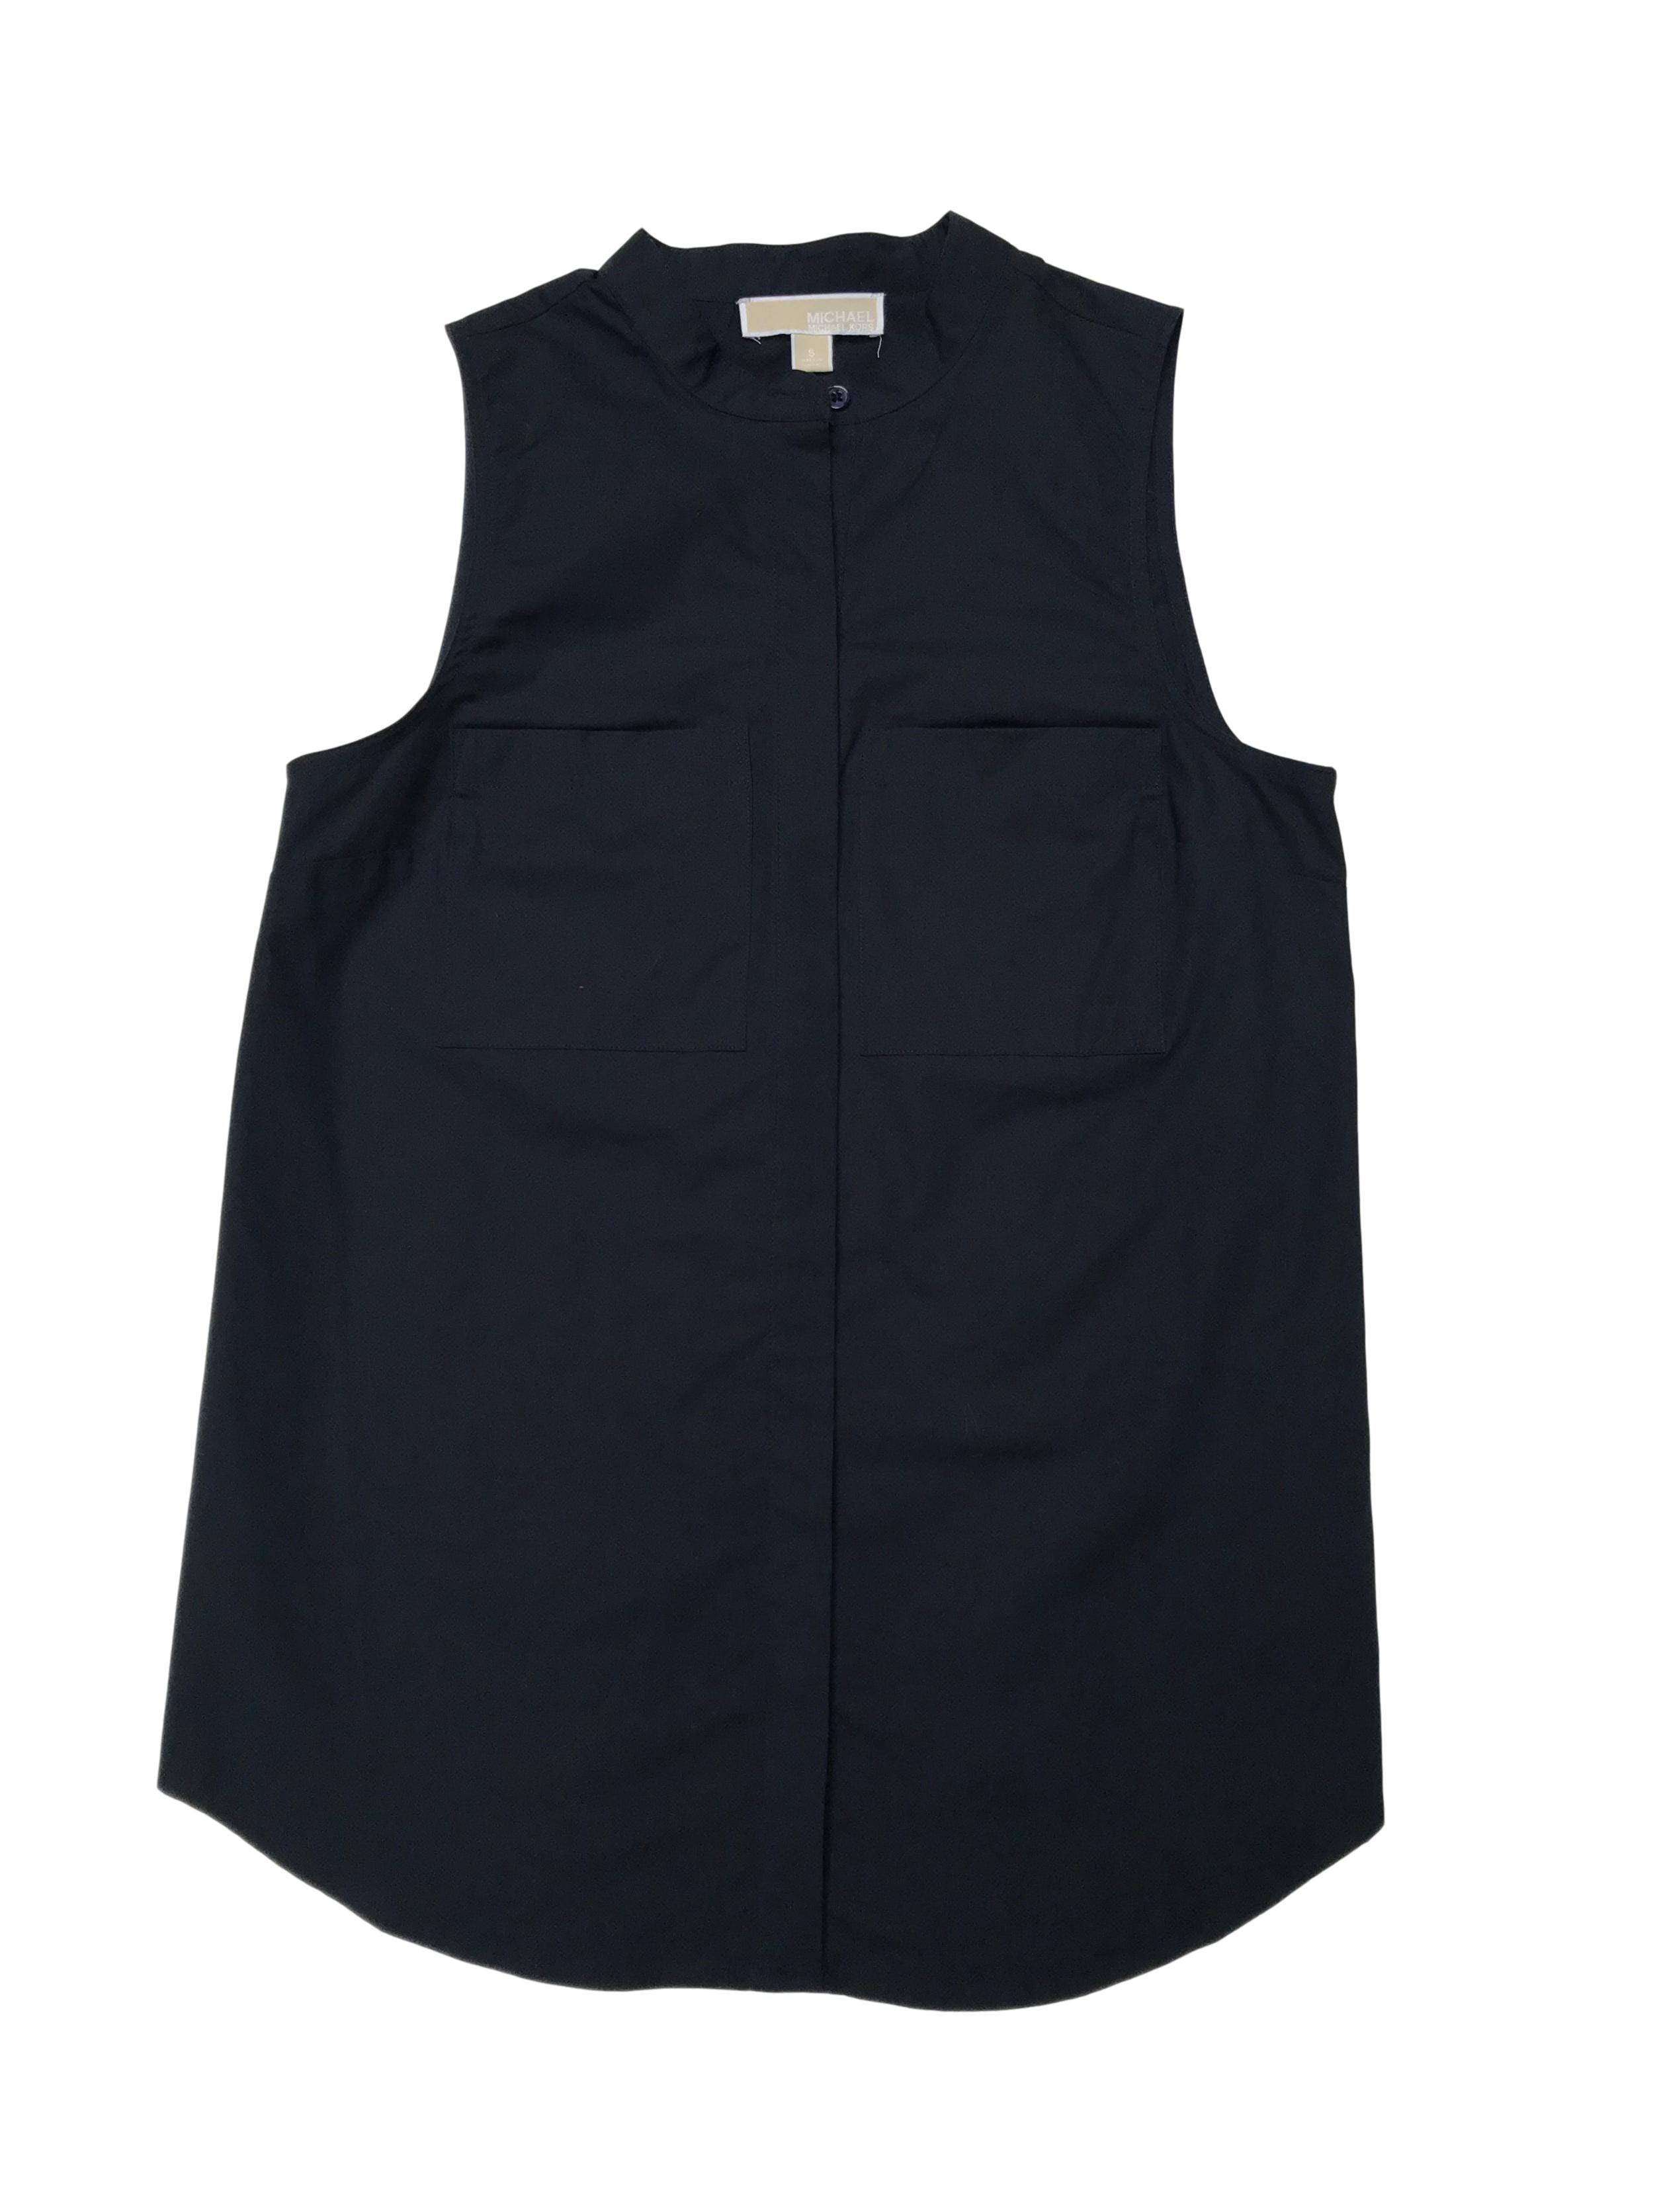 Blusa Michael Kors de algodón tipo camisa, cuello nerú con botones y bolsillos delanteros. Busto 94cm Largo 68cm. Precio original S/ 350